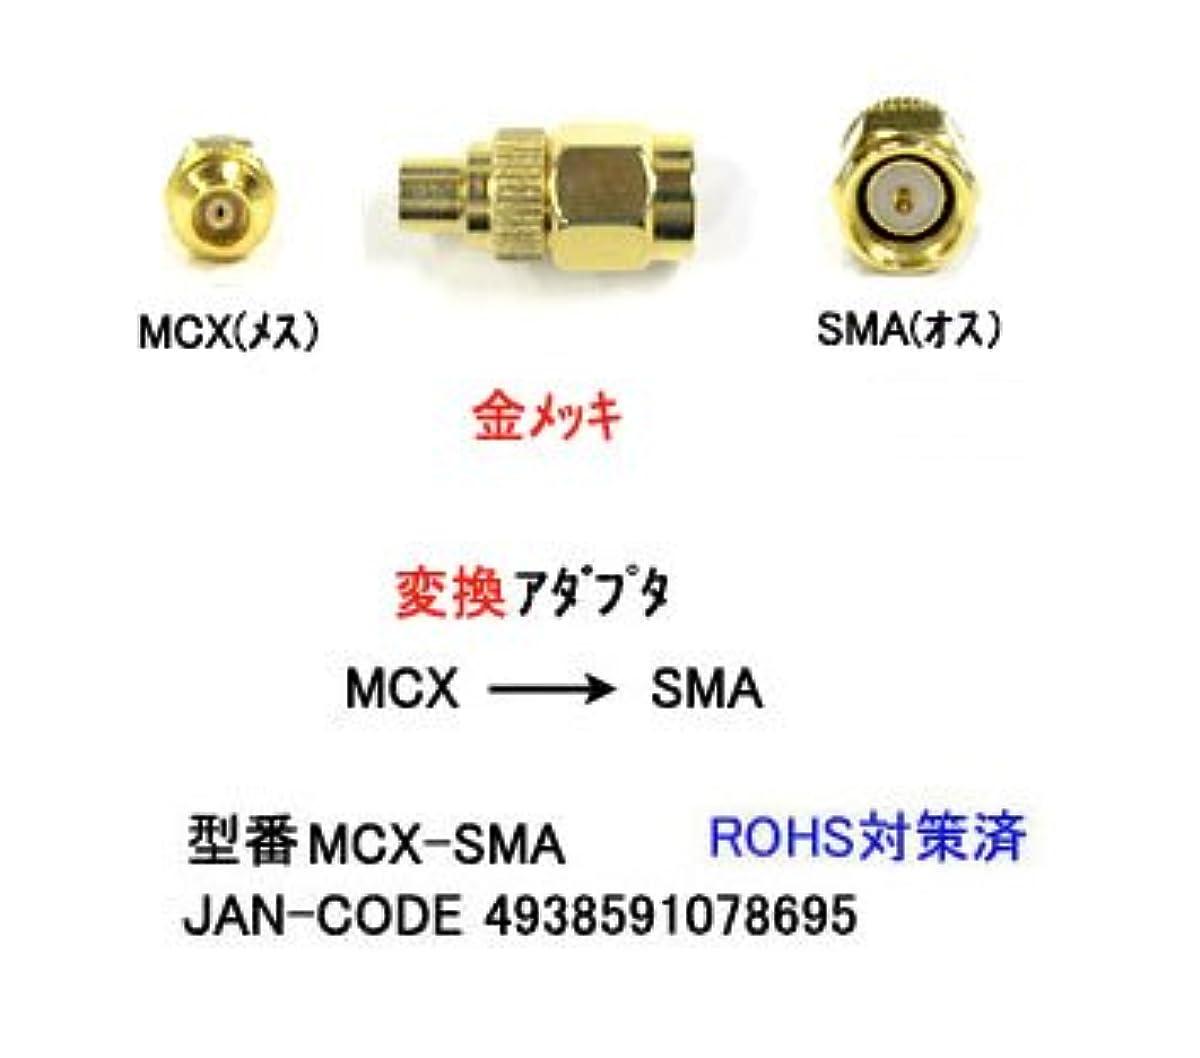 [해외] 안테나 변환 플러그 MCX → SMA 변환 COMON MCX-SMA-